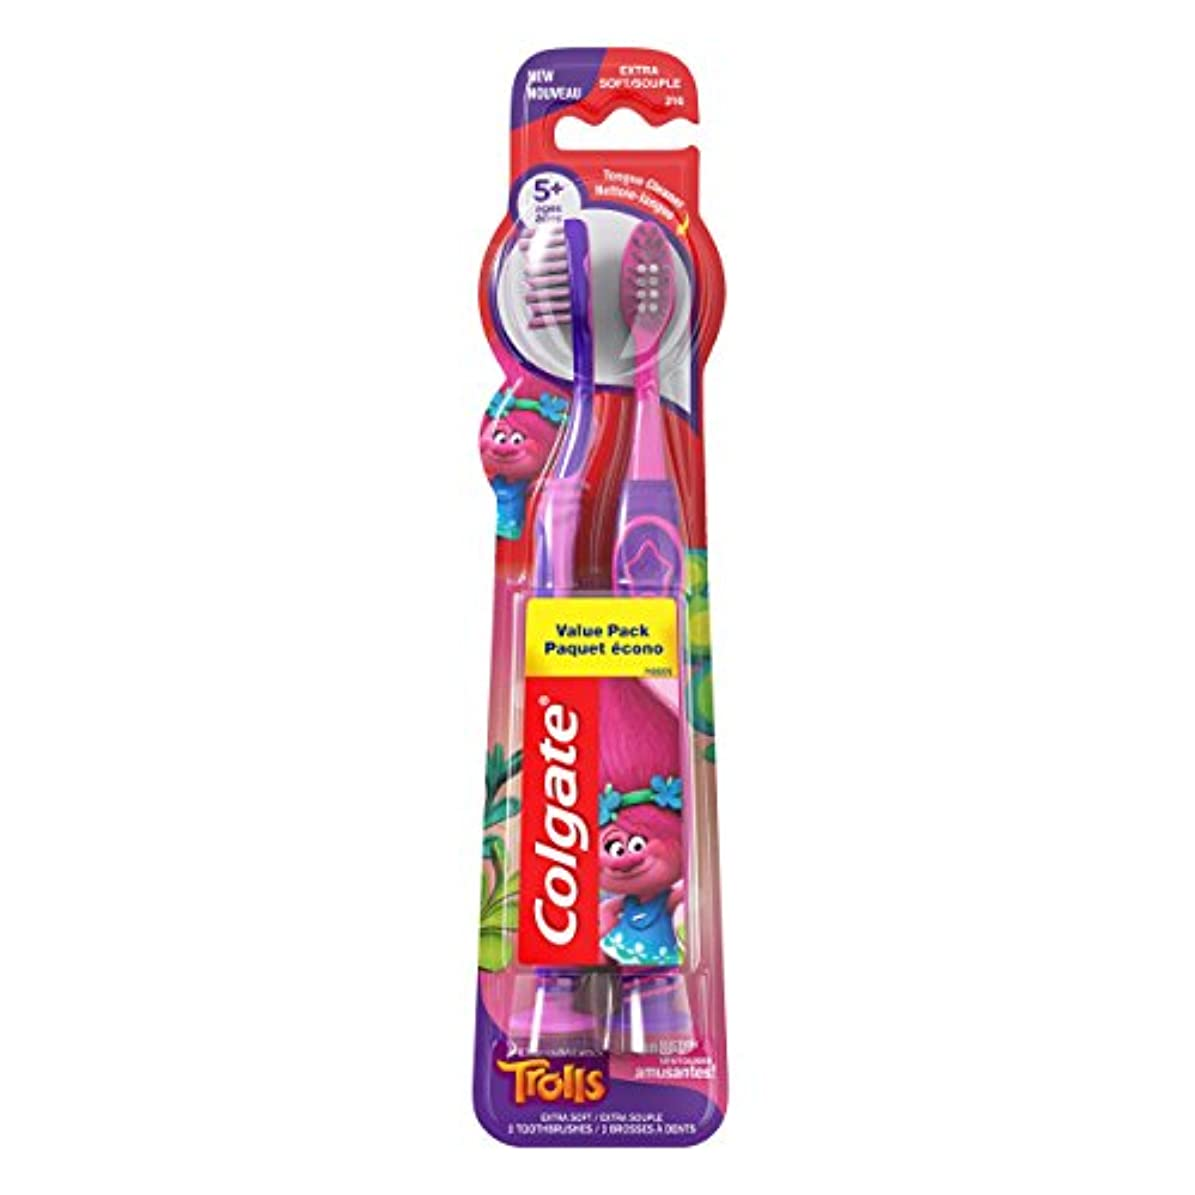 ブーストしたい空いているColgate キッズ歯ブラシ、トロルバリューパック、エクストラソフト、2カウント